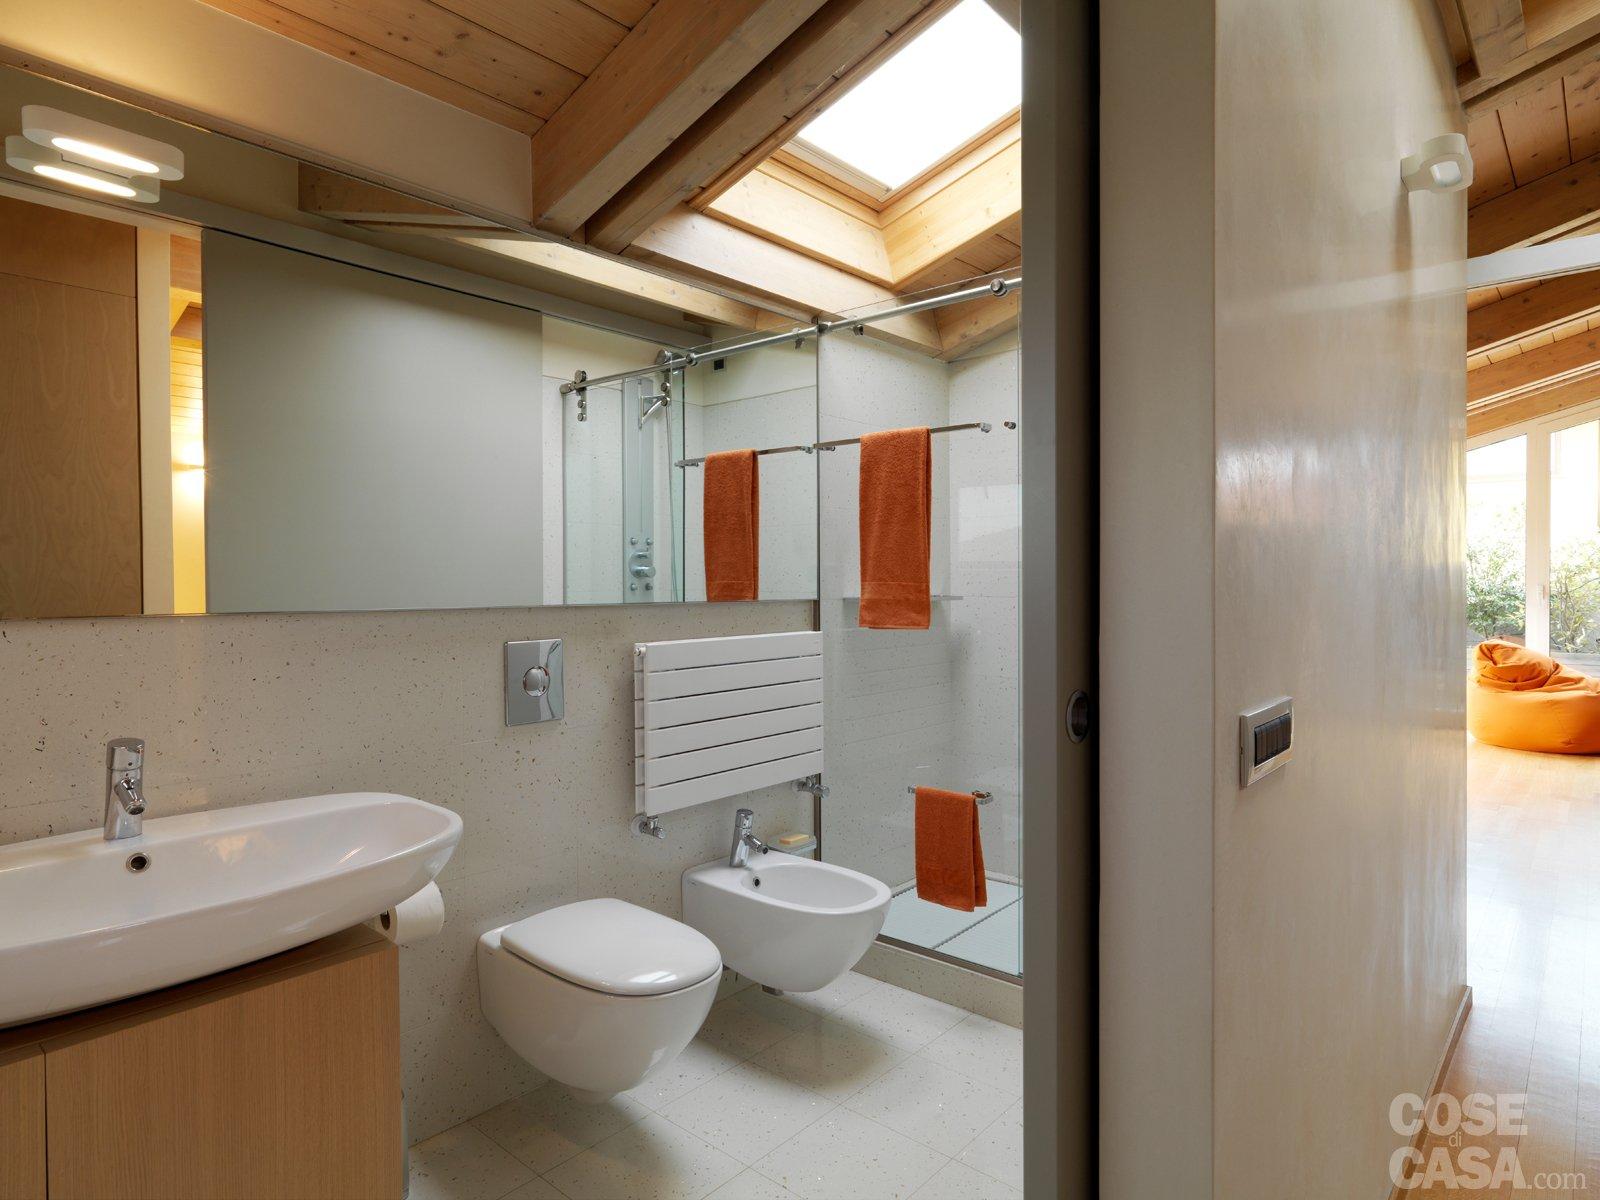 Idee Per Tende Finestra Bagno : Una casa arredata con pezzi di design ...